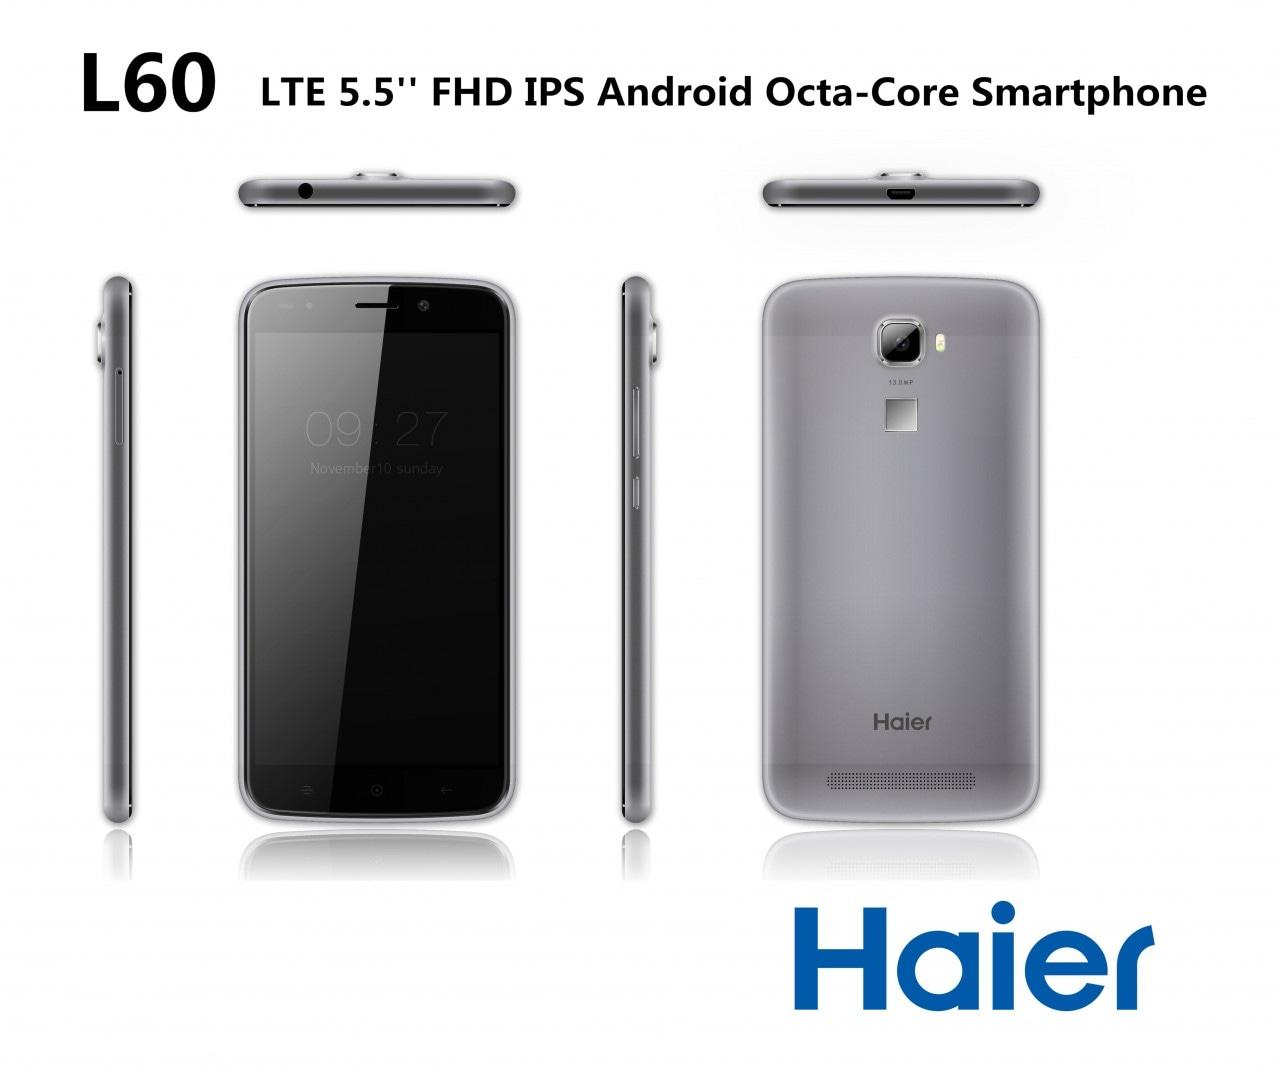 Da Haier cinque smartphone Android per tutte le esigenze